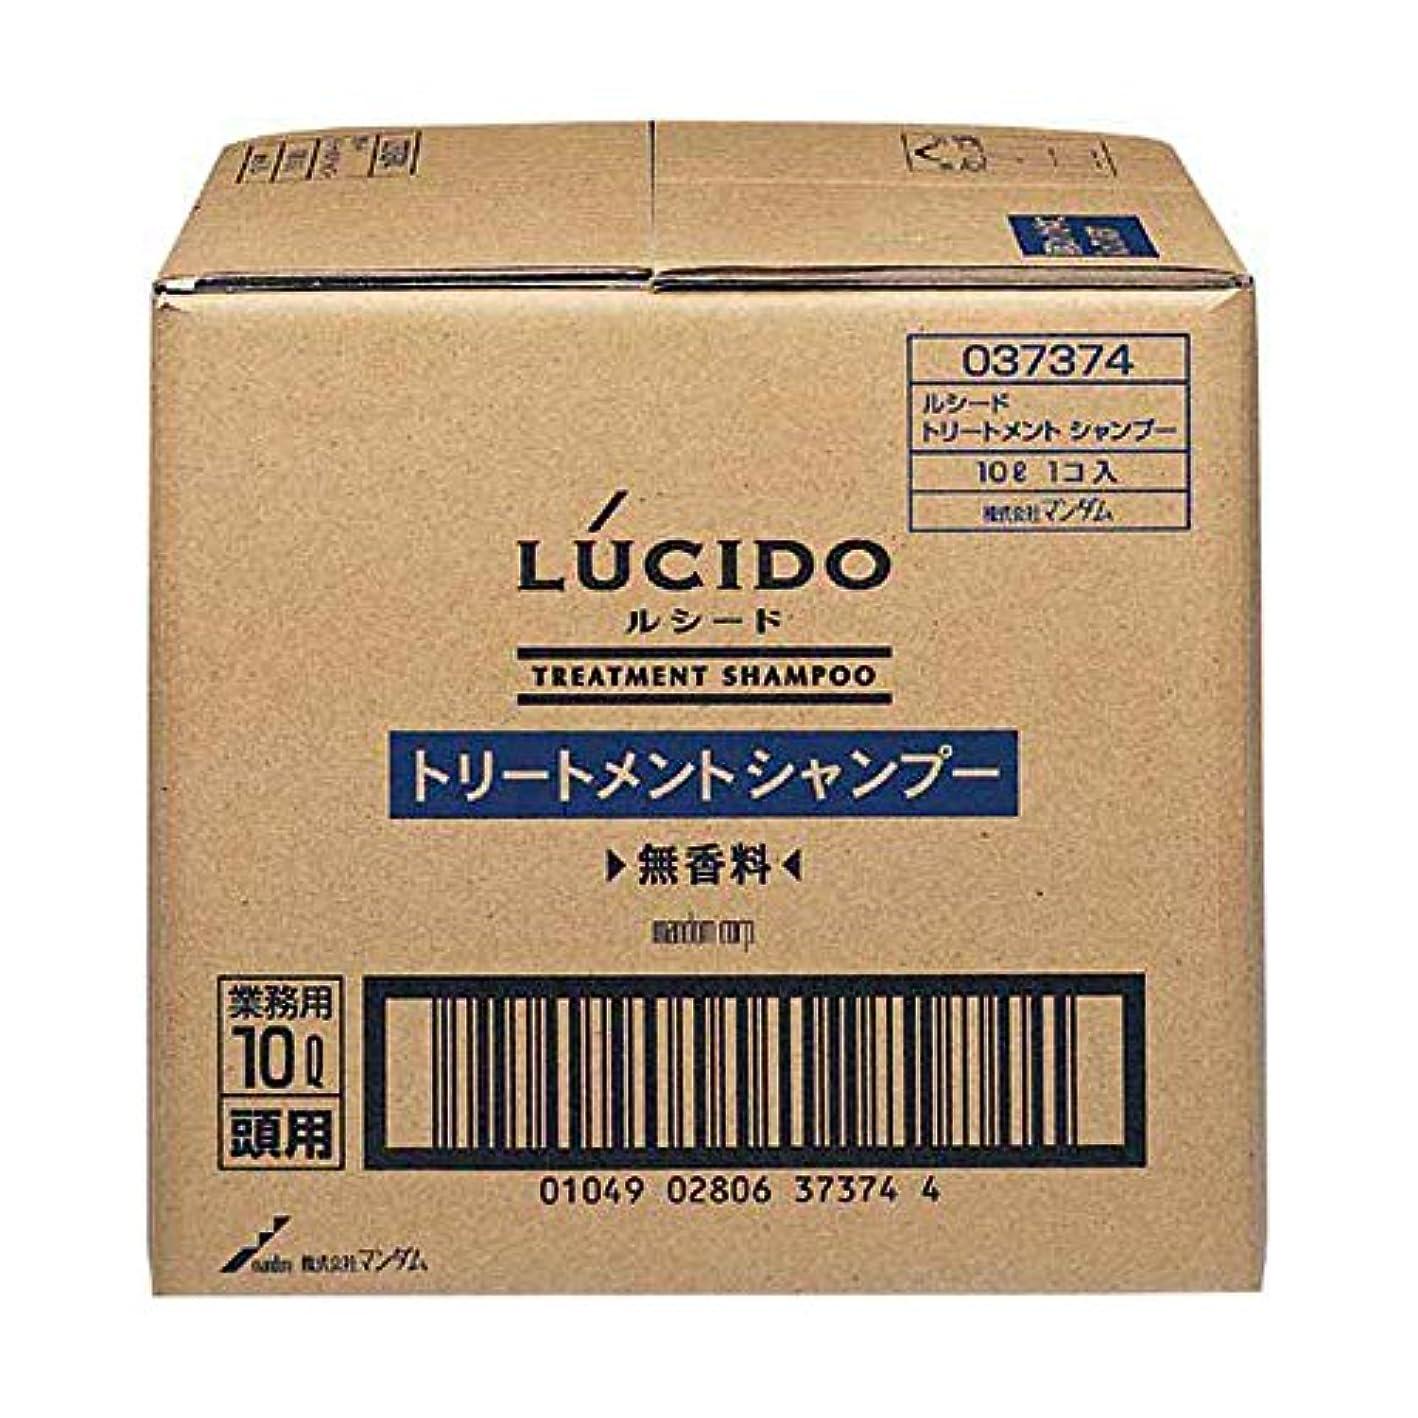 有力者絡まる鹿LUCIDO (ルシード) トリートメントシャンプー 業務用 10L